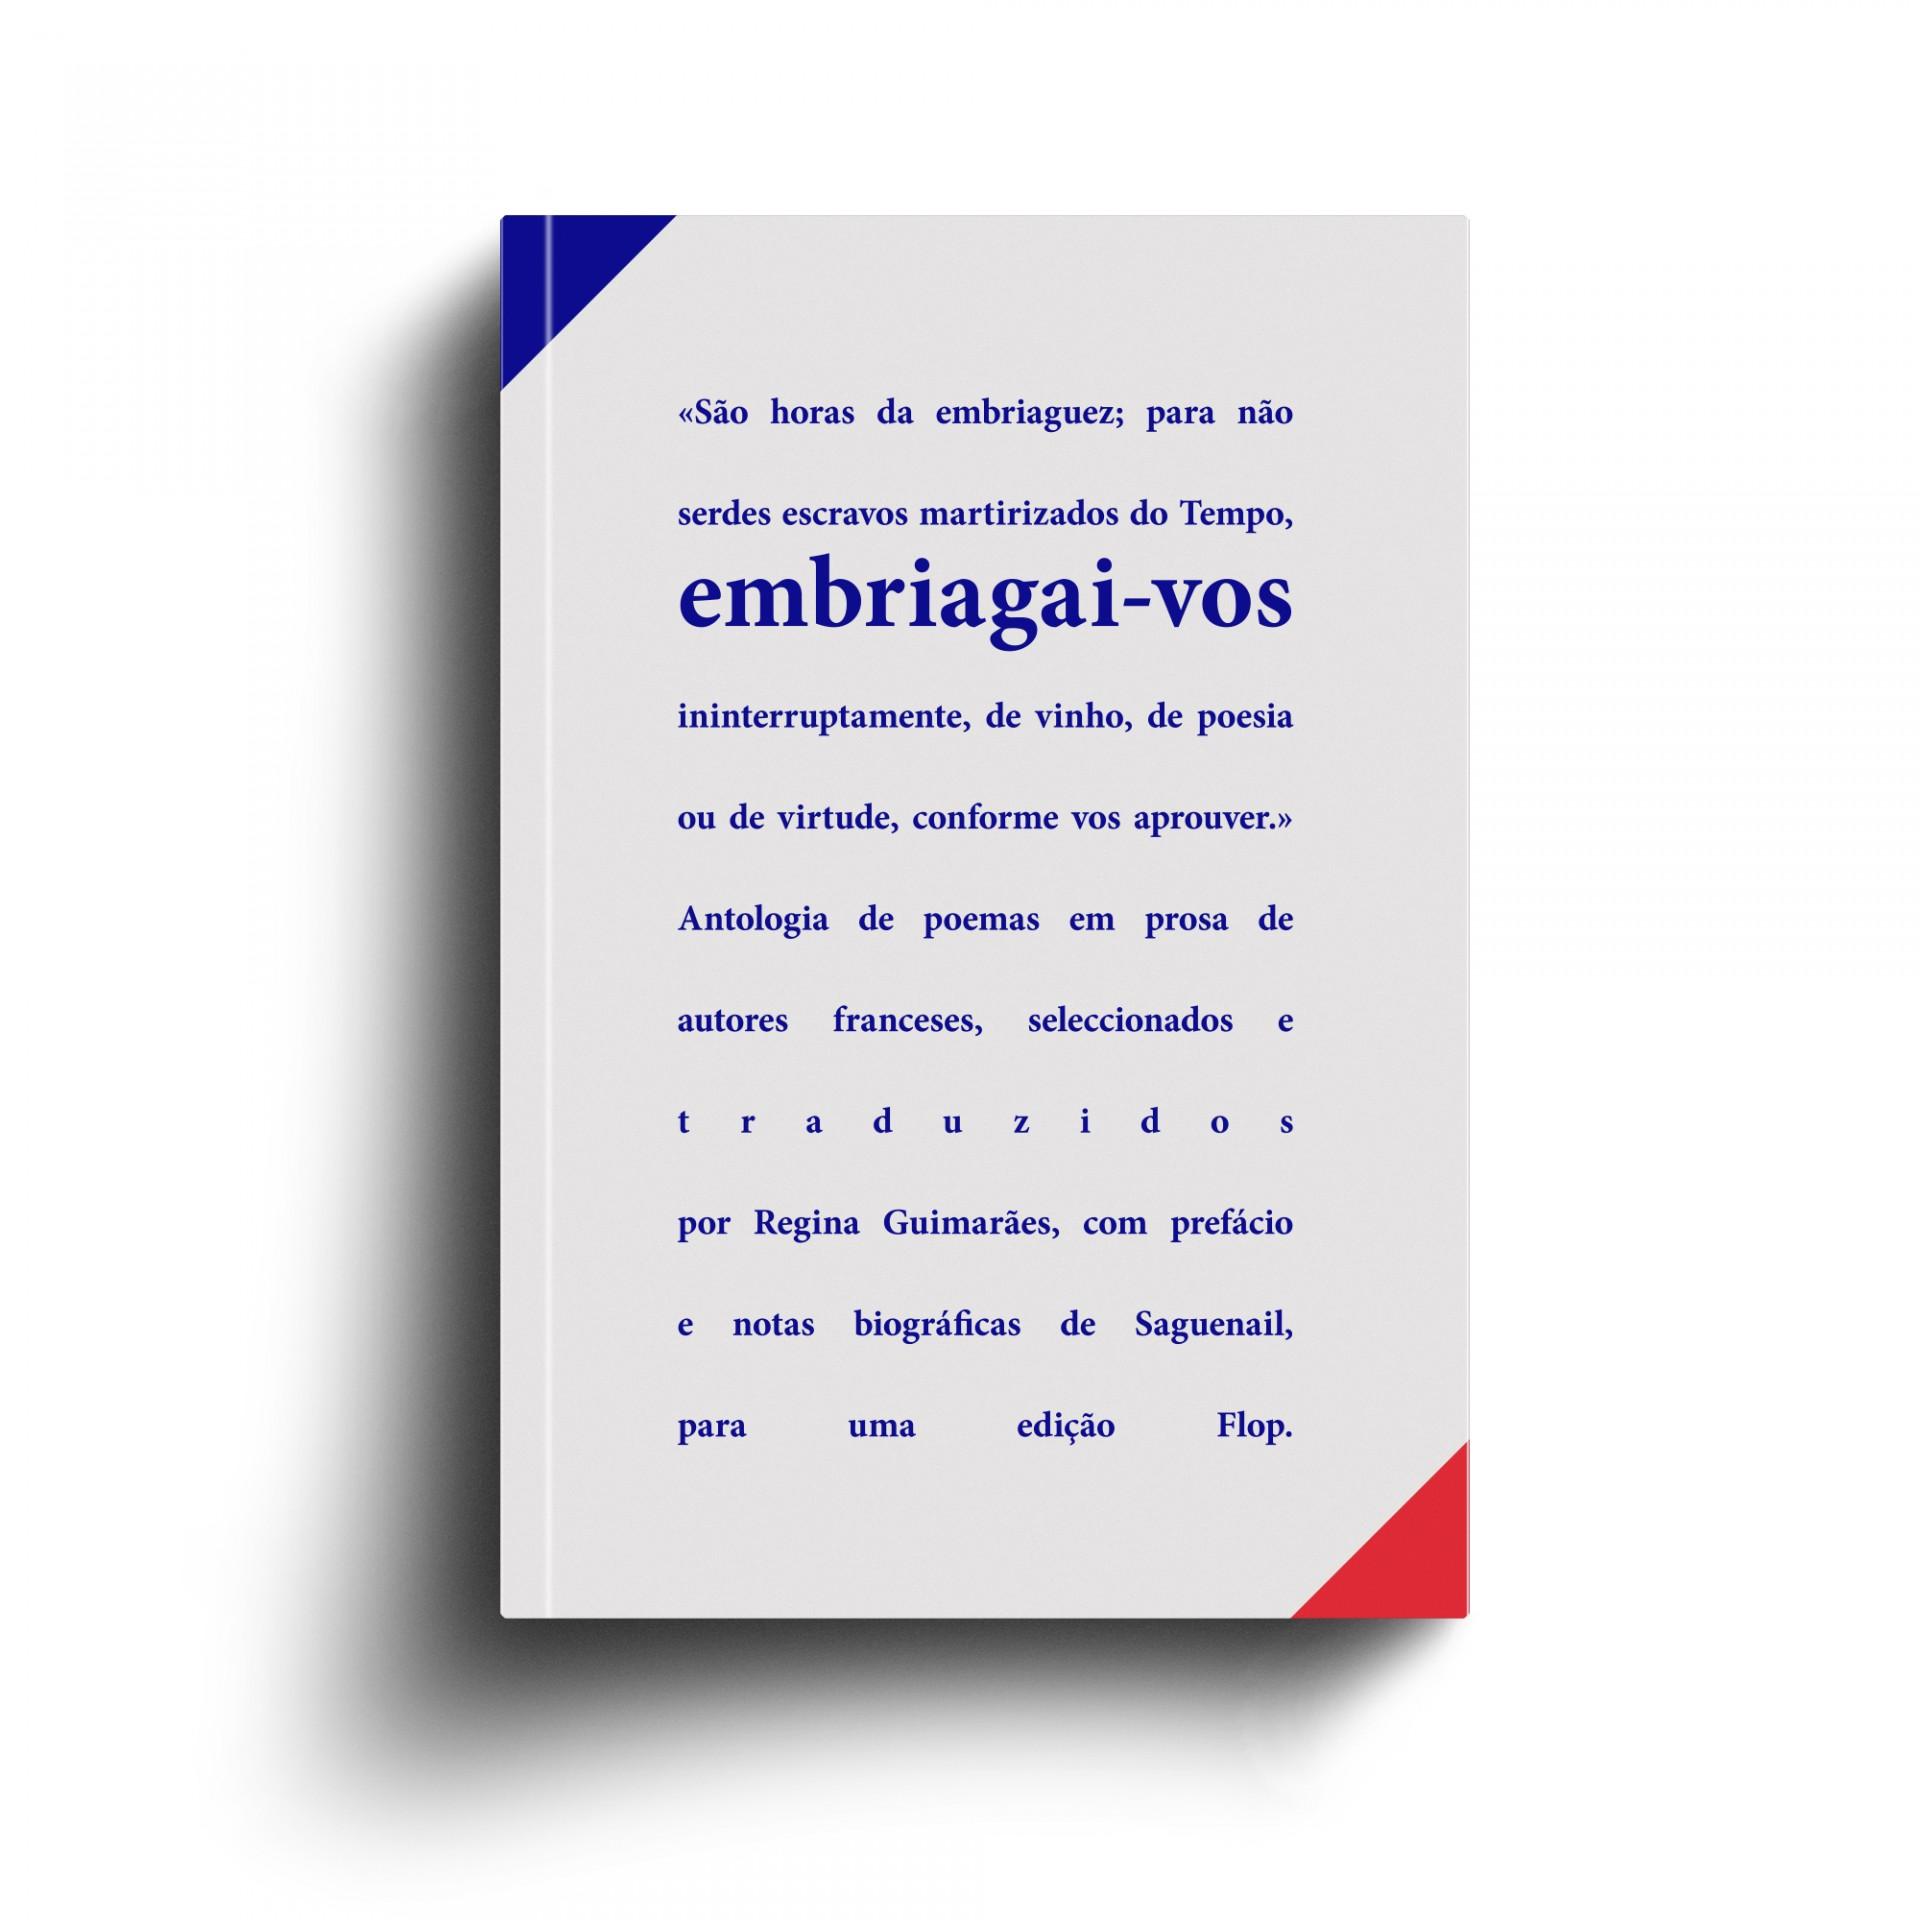 EMBRIAGAI-VOS   Antologia de poemas em prosa de autores franceses